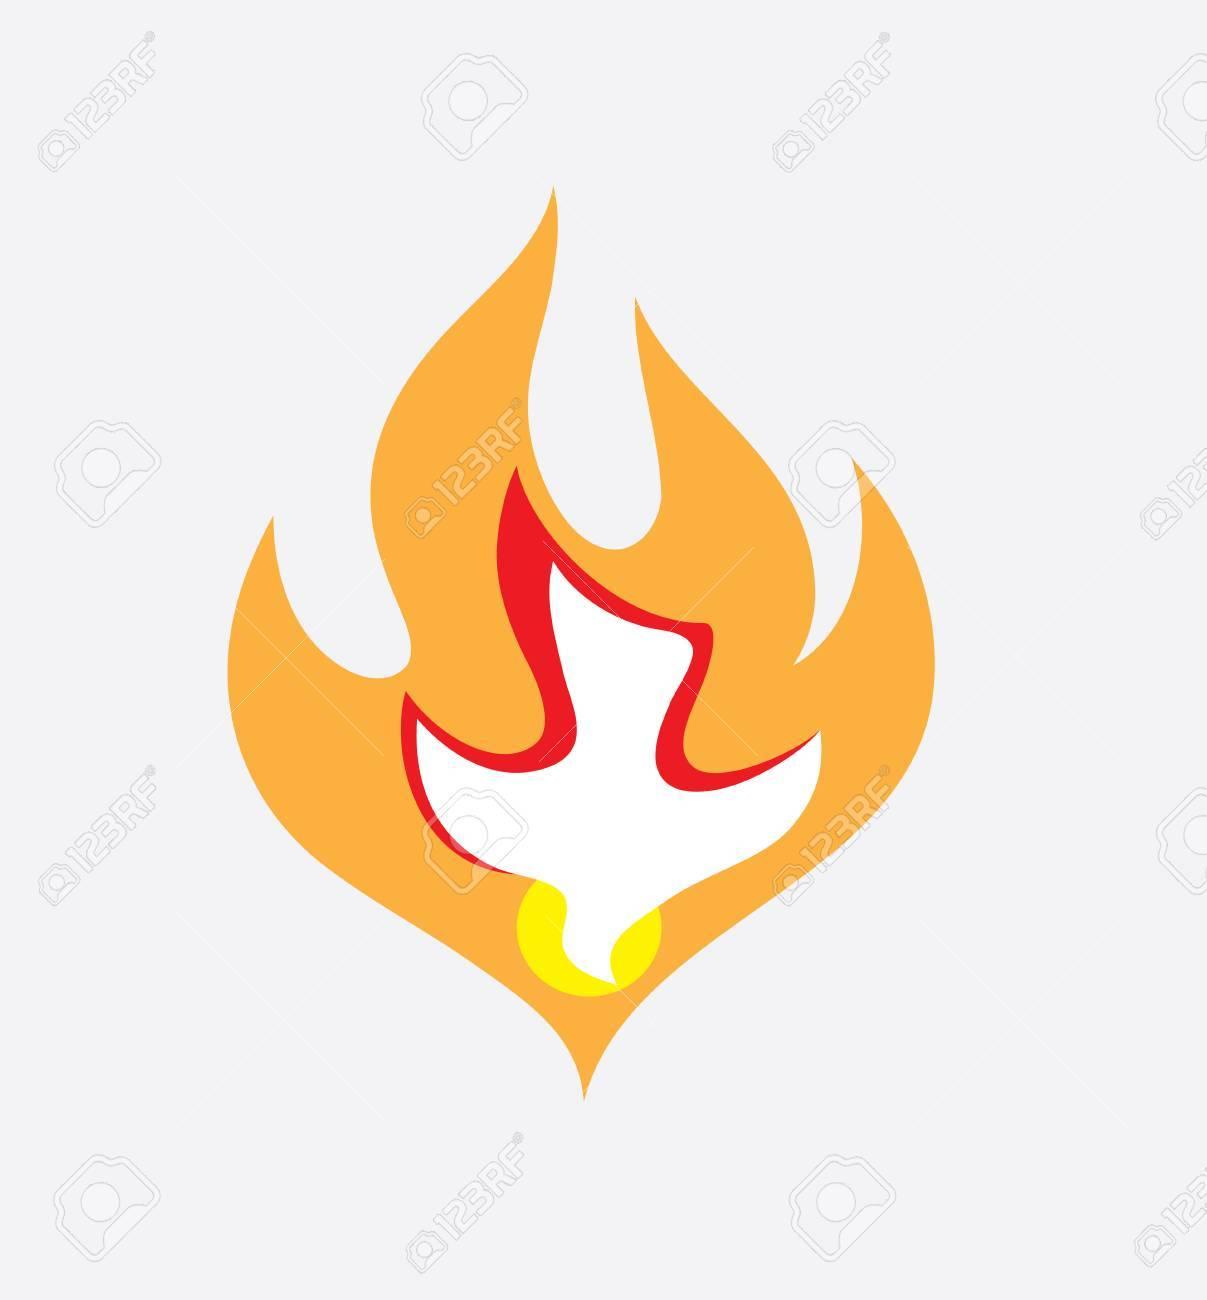 Holy Spirit Fire Clipart.